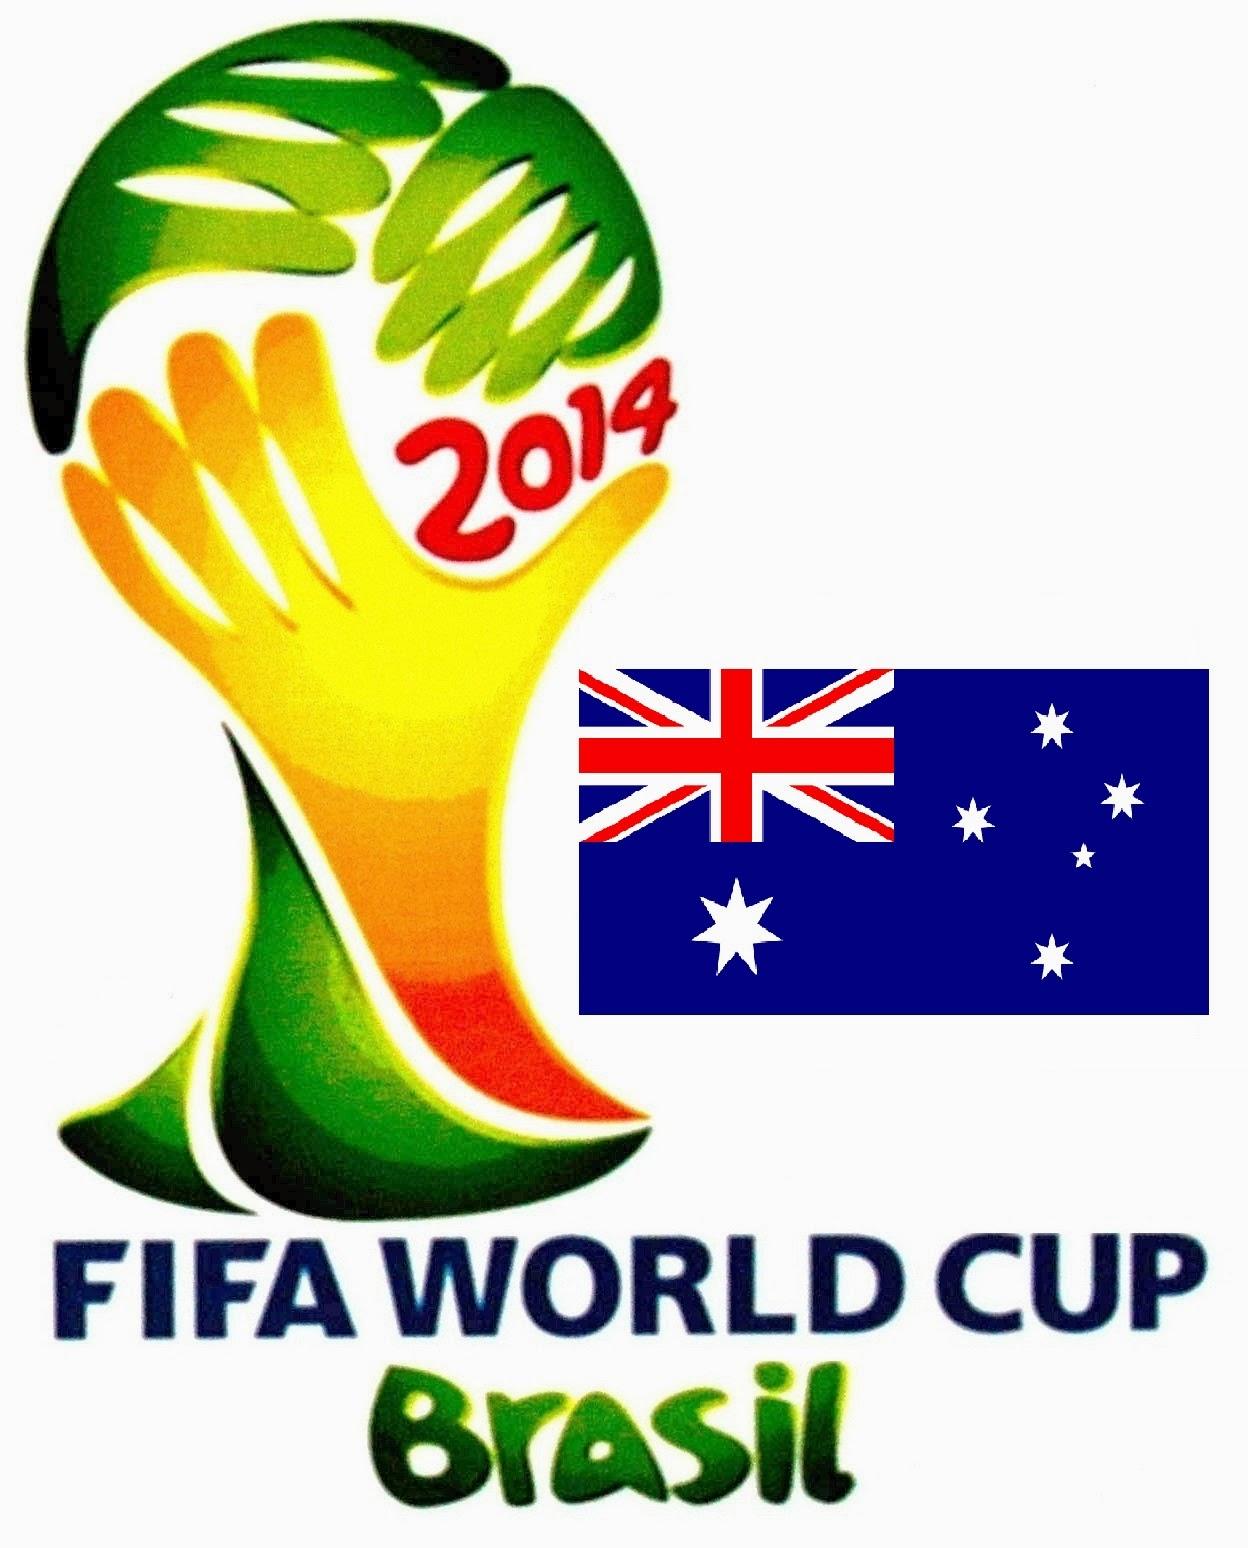 Daftar Nama Pemain Timnas Australia Piala Dunia 2014